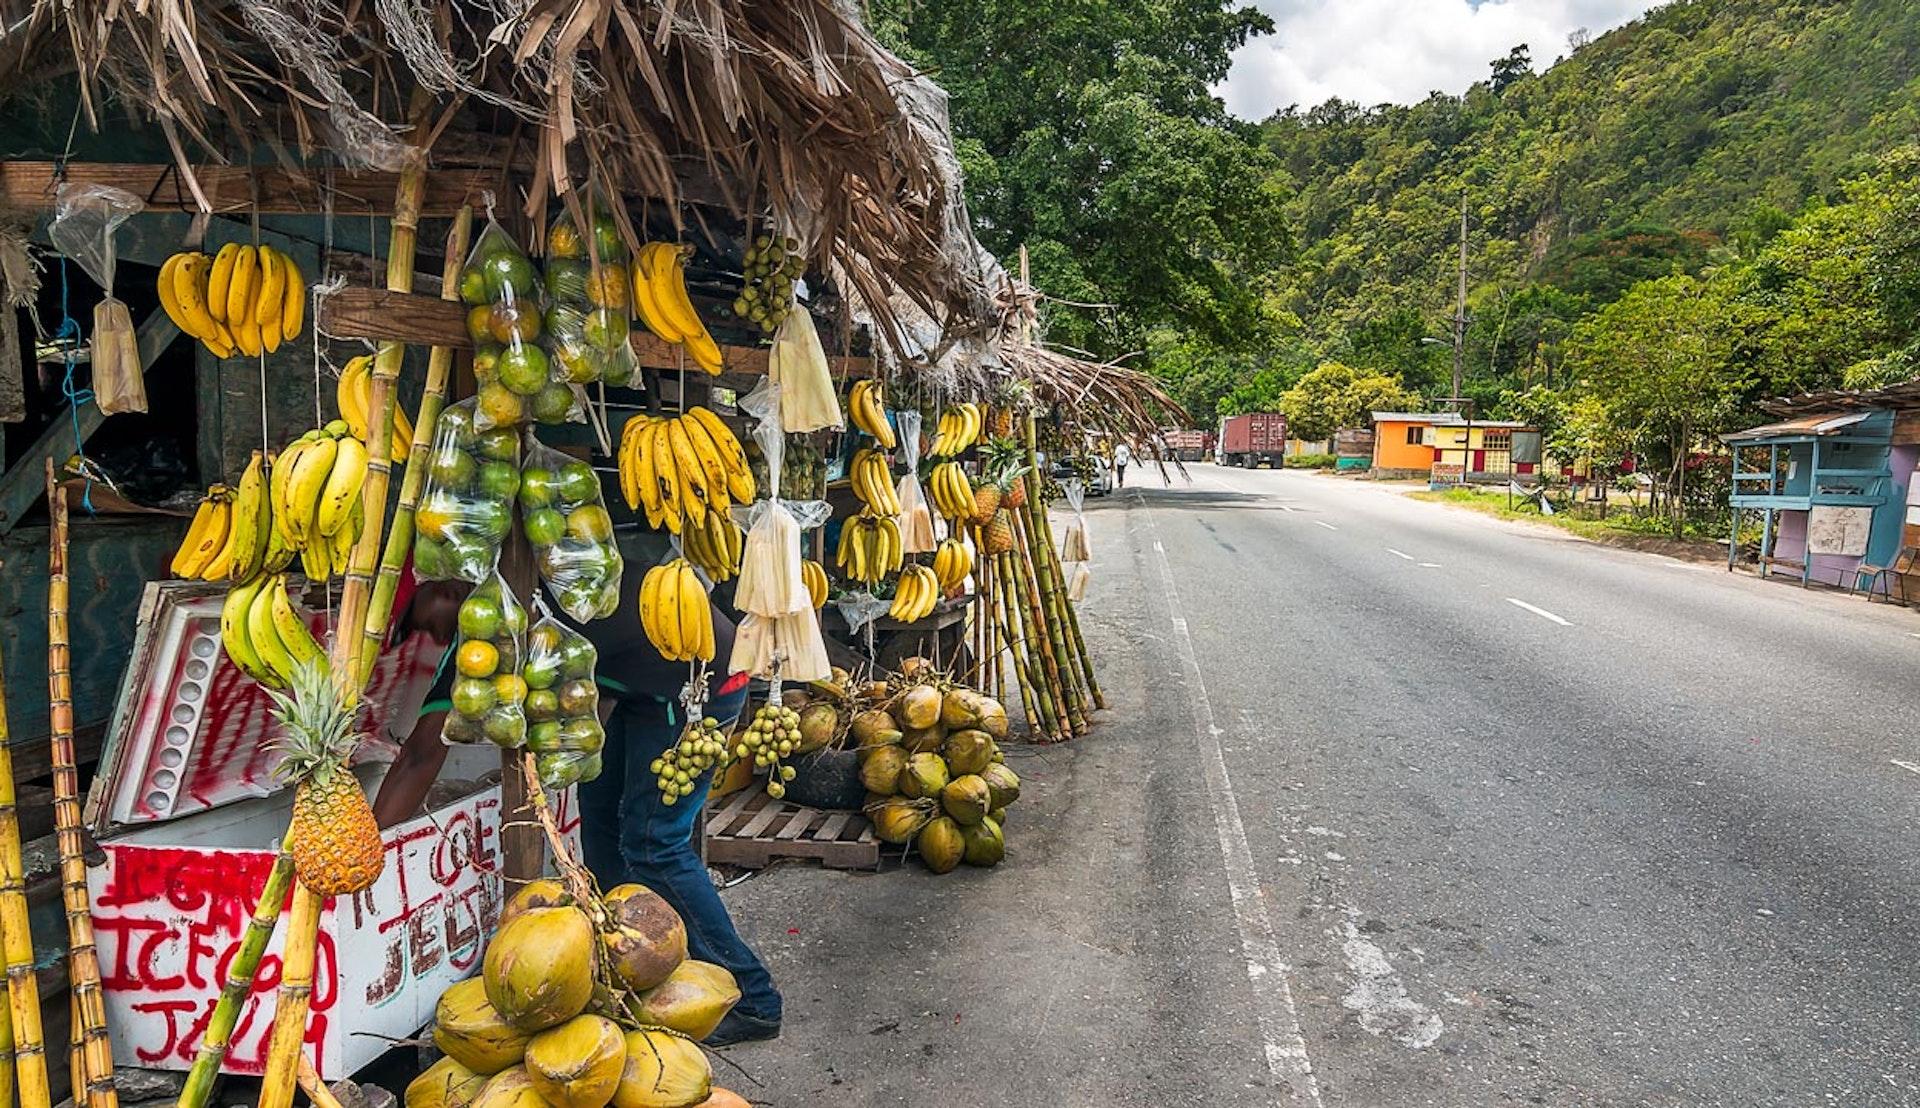 Fruktstånd på en gata på Jamaica.